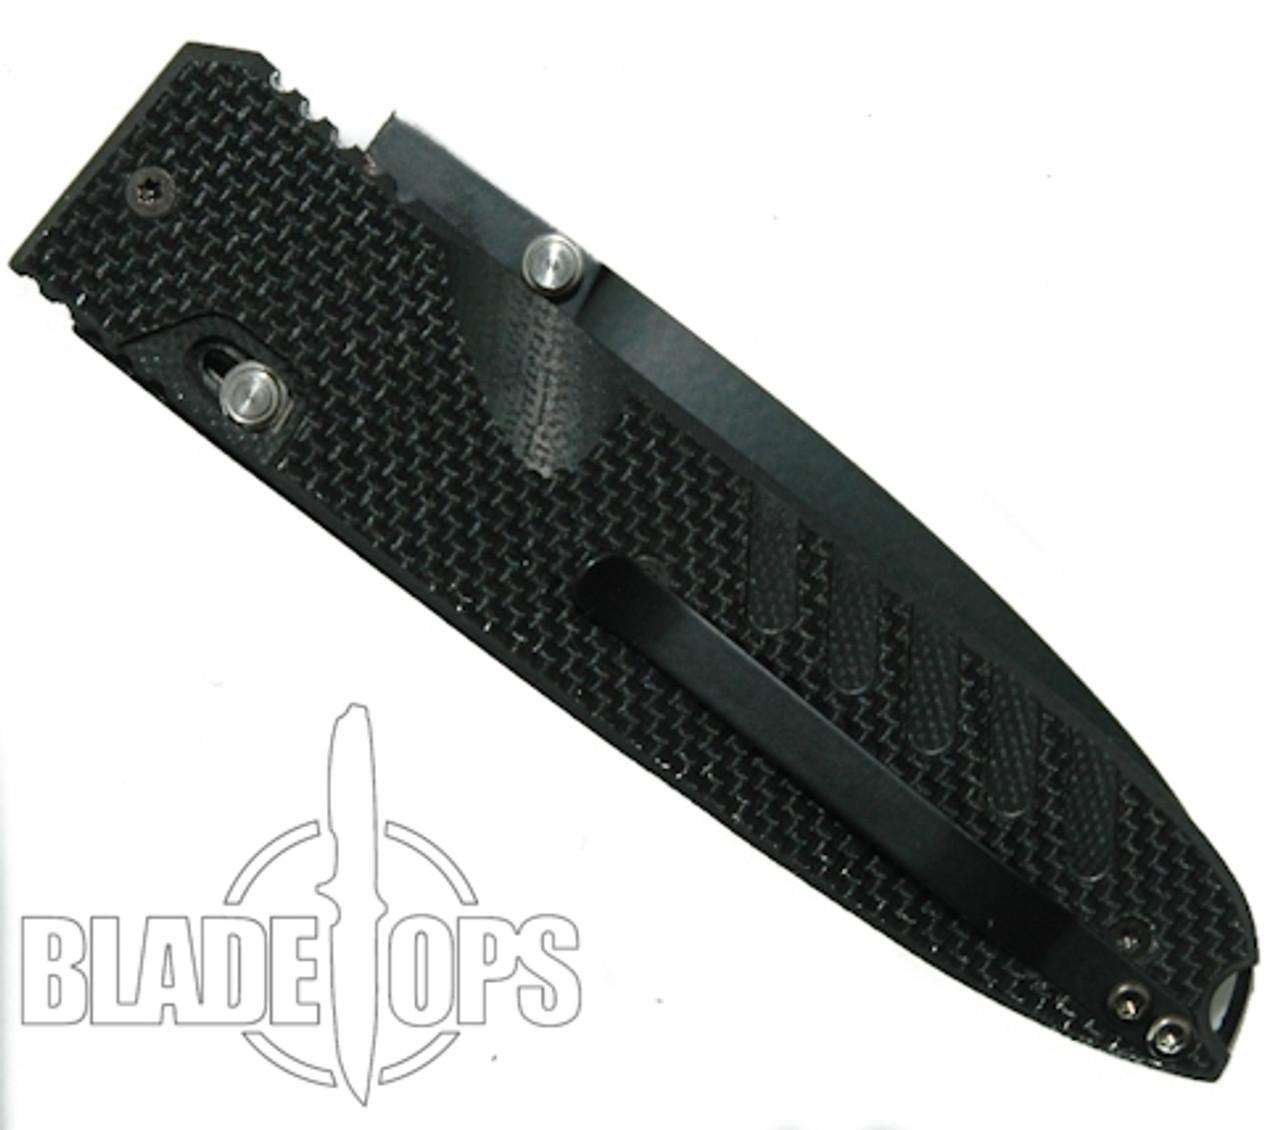 LionSteel Knives 8701G10 Daghetta G10 Folding Knife, Black Blade